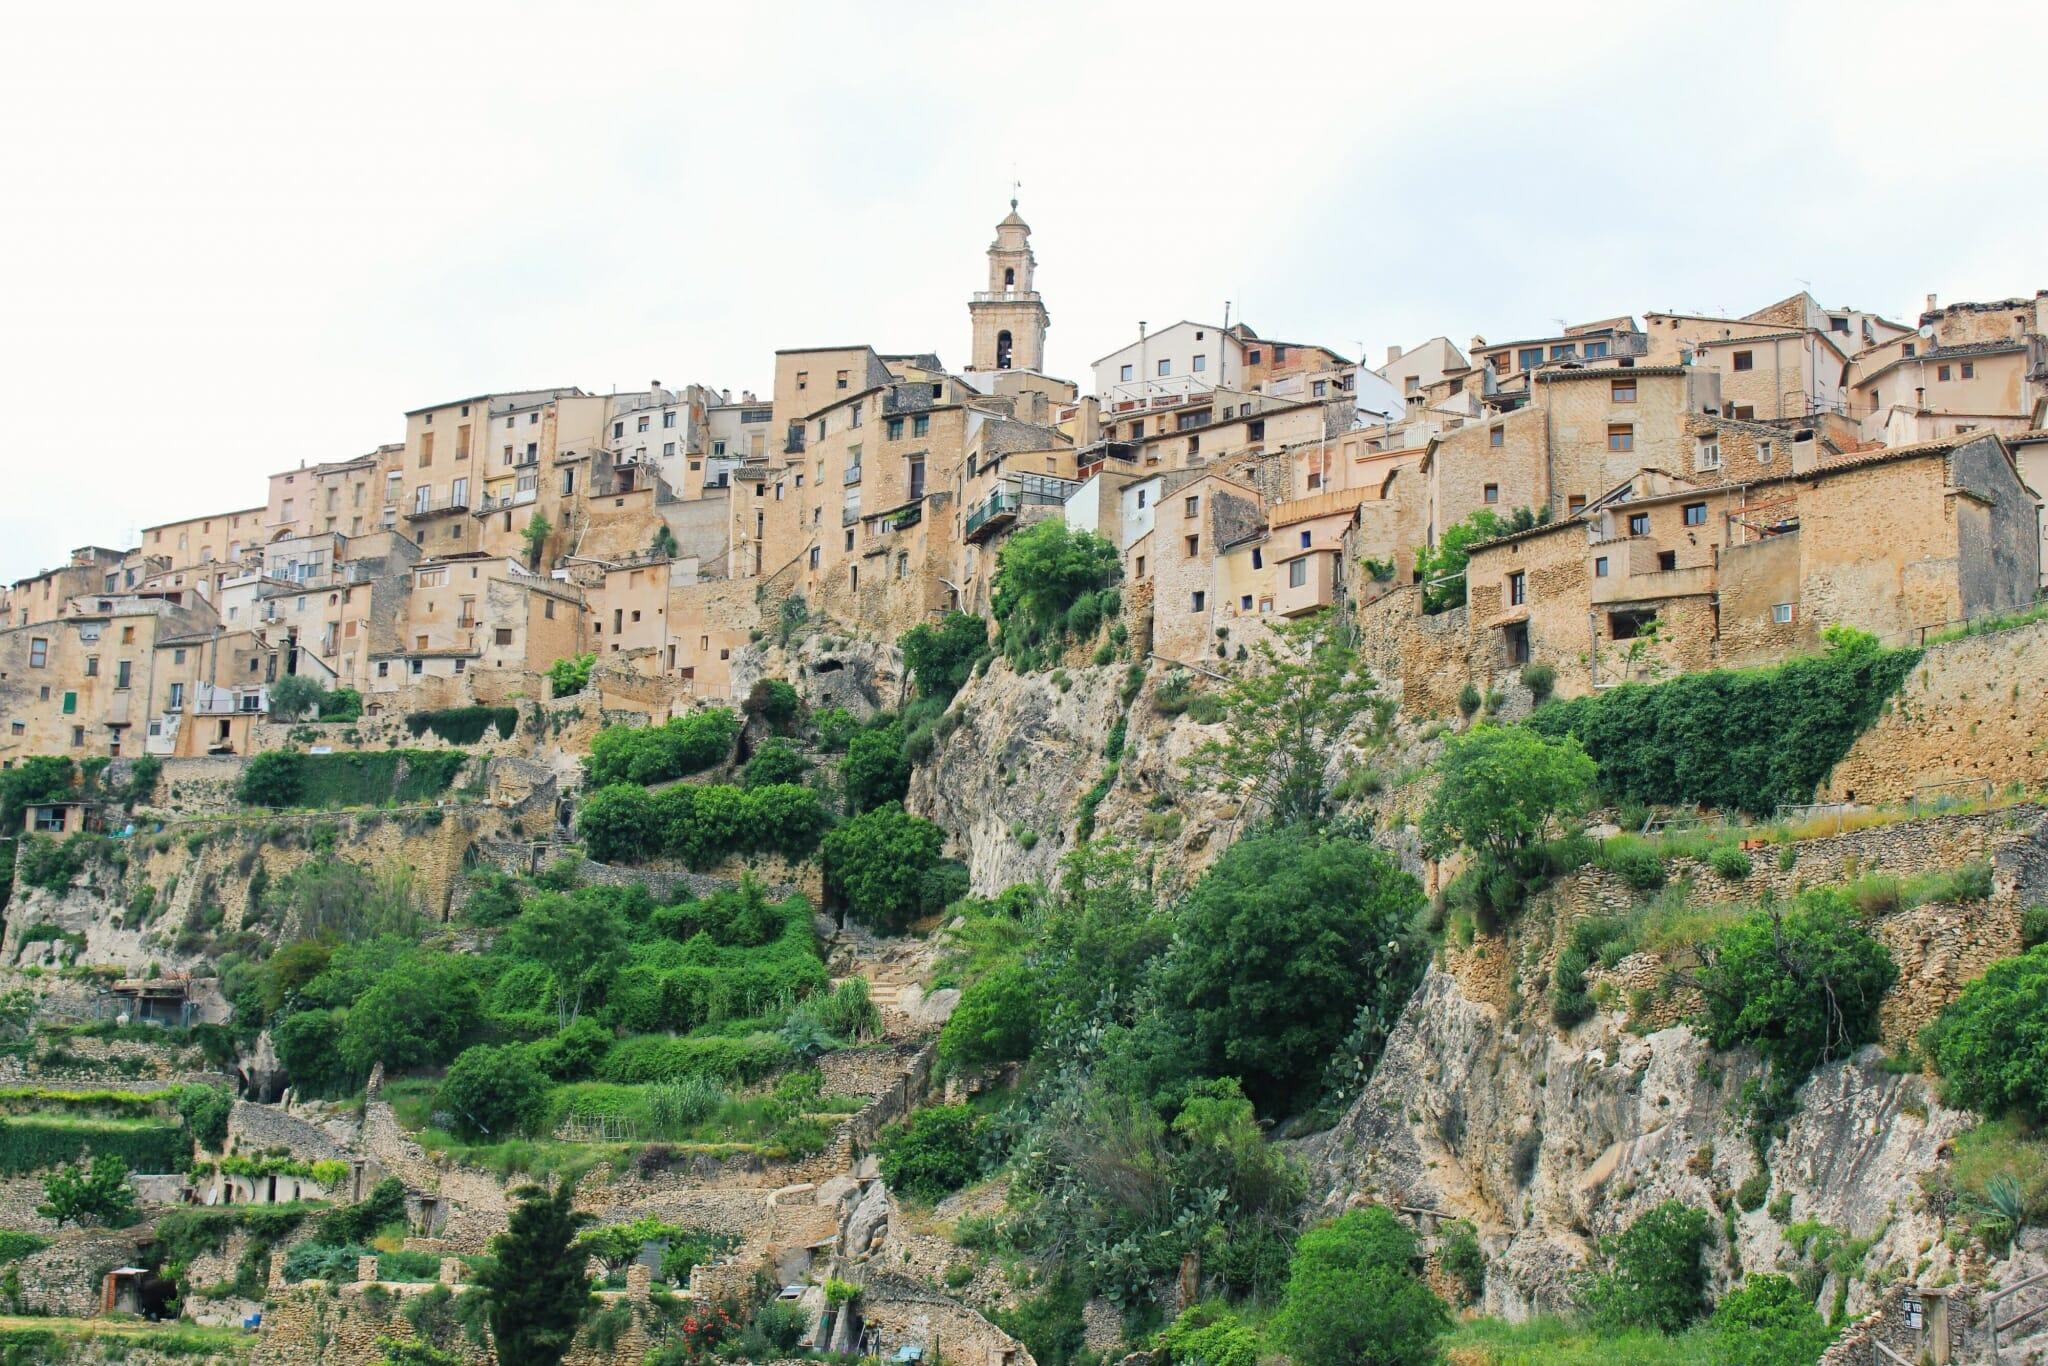 The houses of Bocairente, near Valencia, Spain